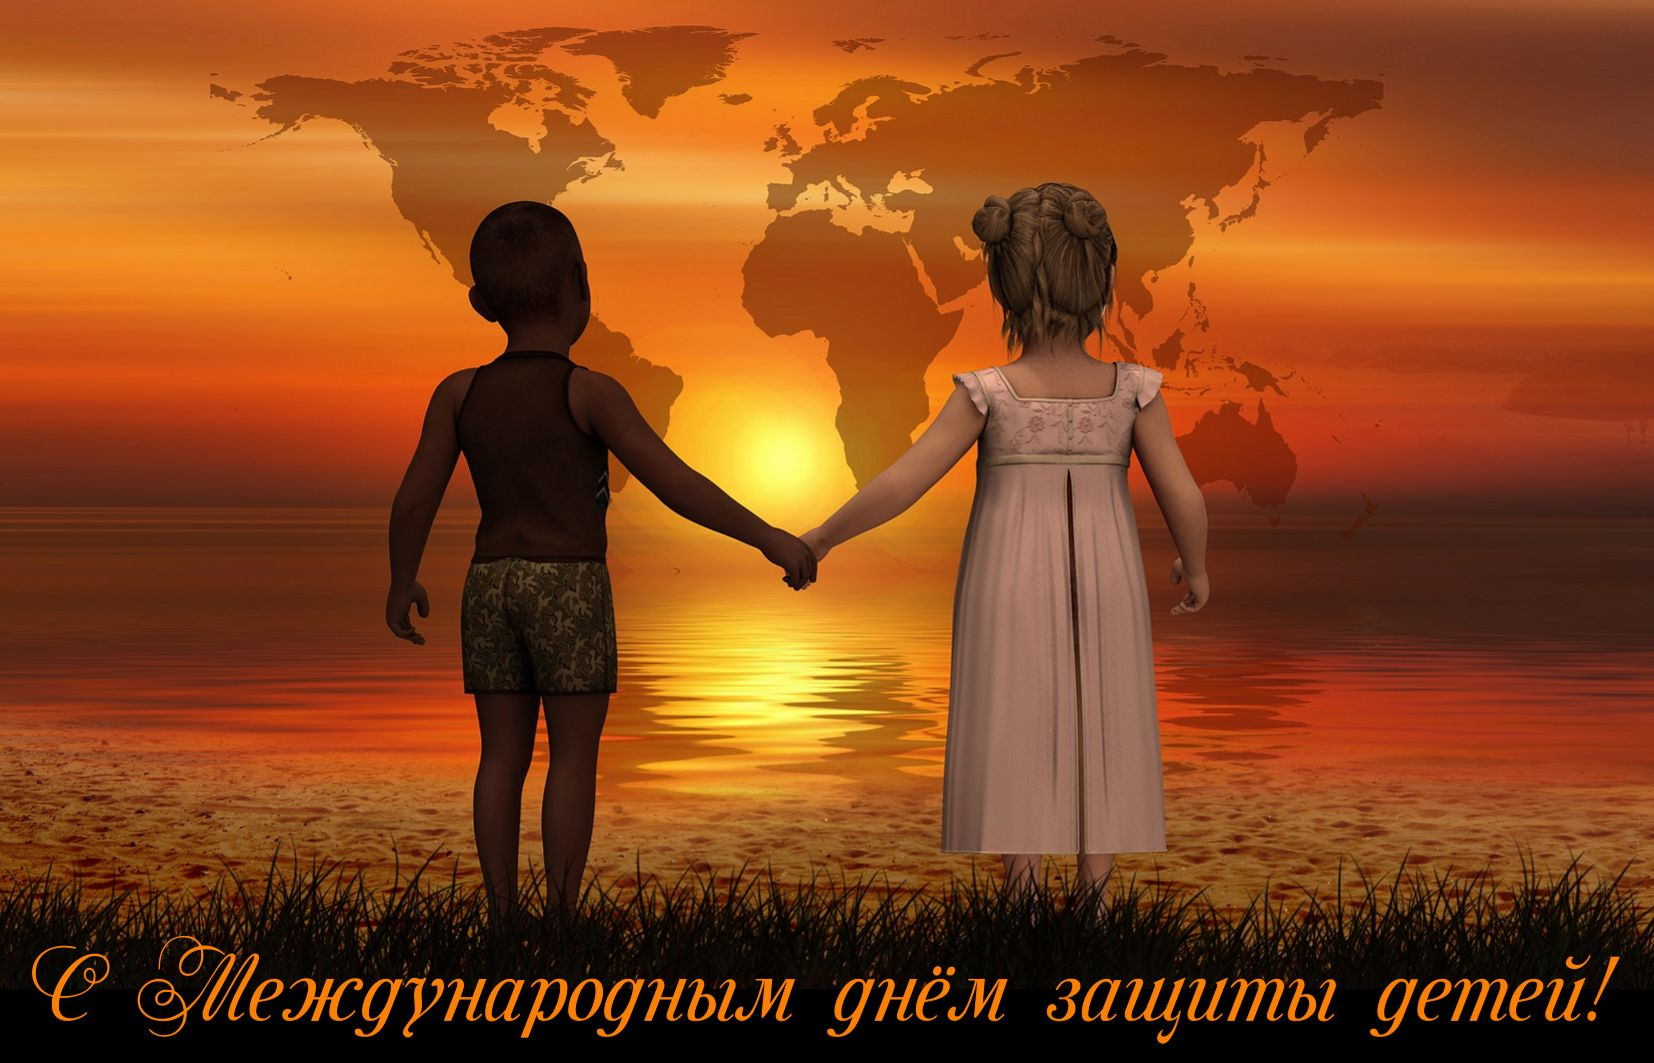 Открытка на День защиты детей - мальчик с девочкой на фоне заката солнца